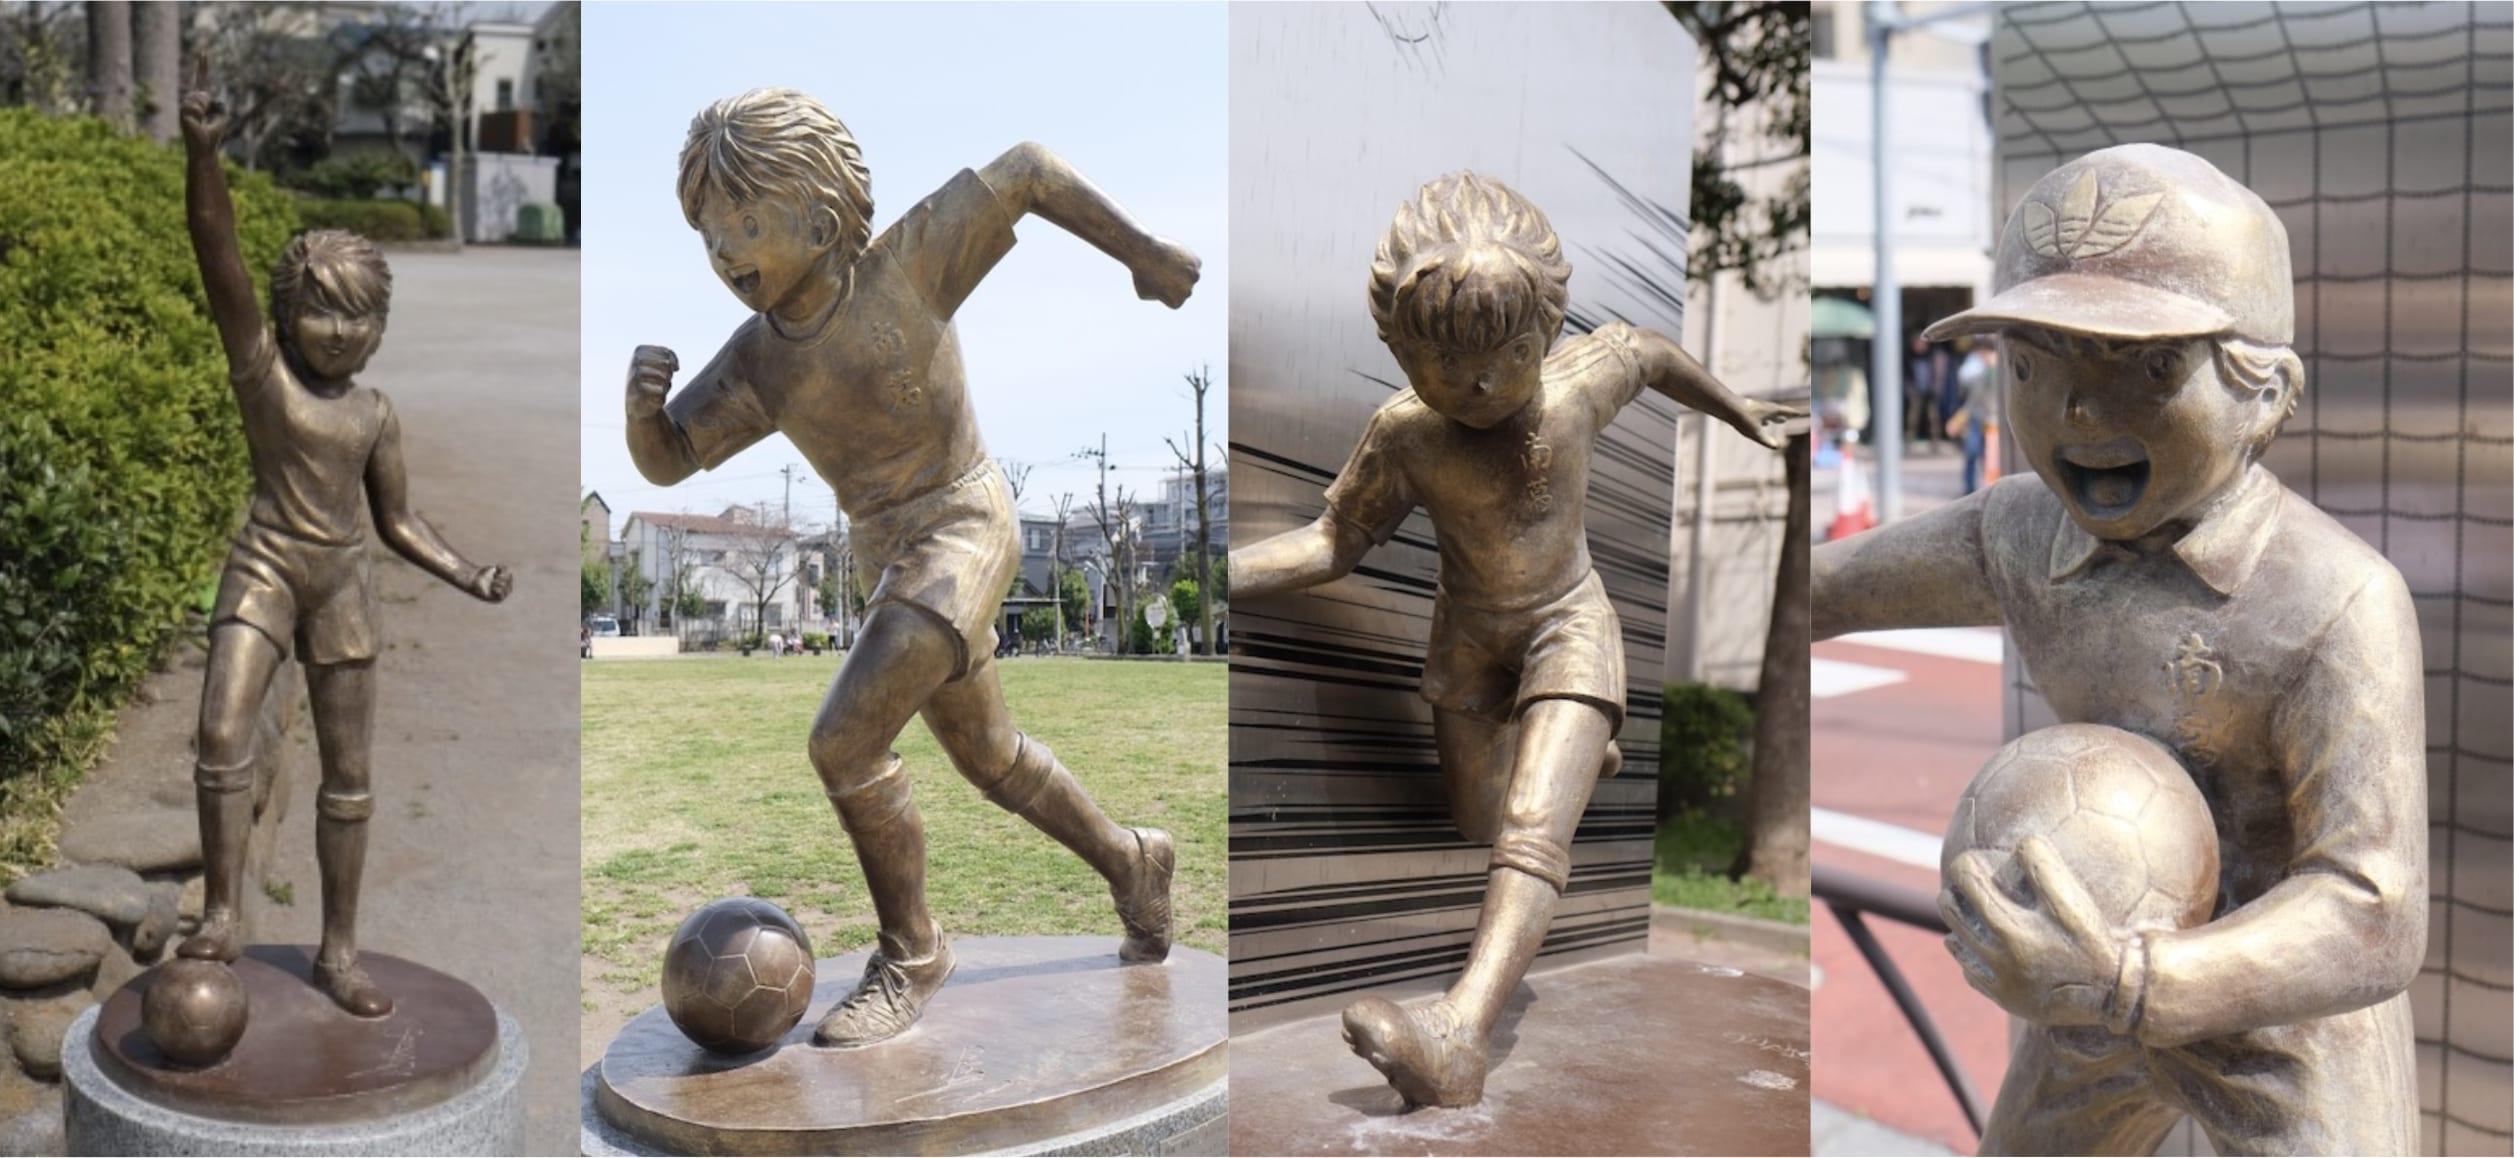 Captain Tsubasa: come trovare tutte le statue di Holly e Benji a Yotsugi, Tokyo